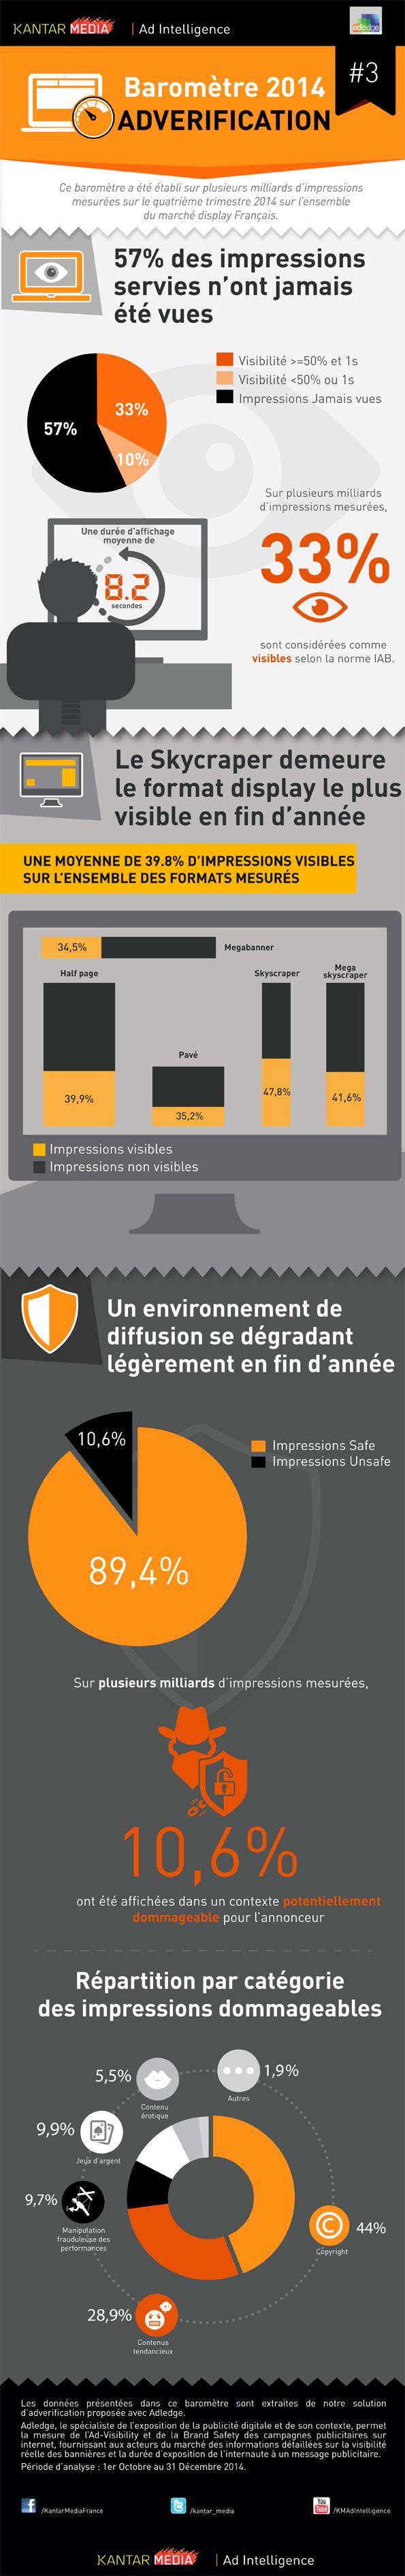 57% des impressions display servies n'ont pas été vues par les internautes selon Kantar Media et Adledge